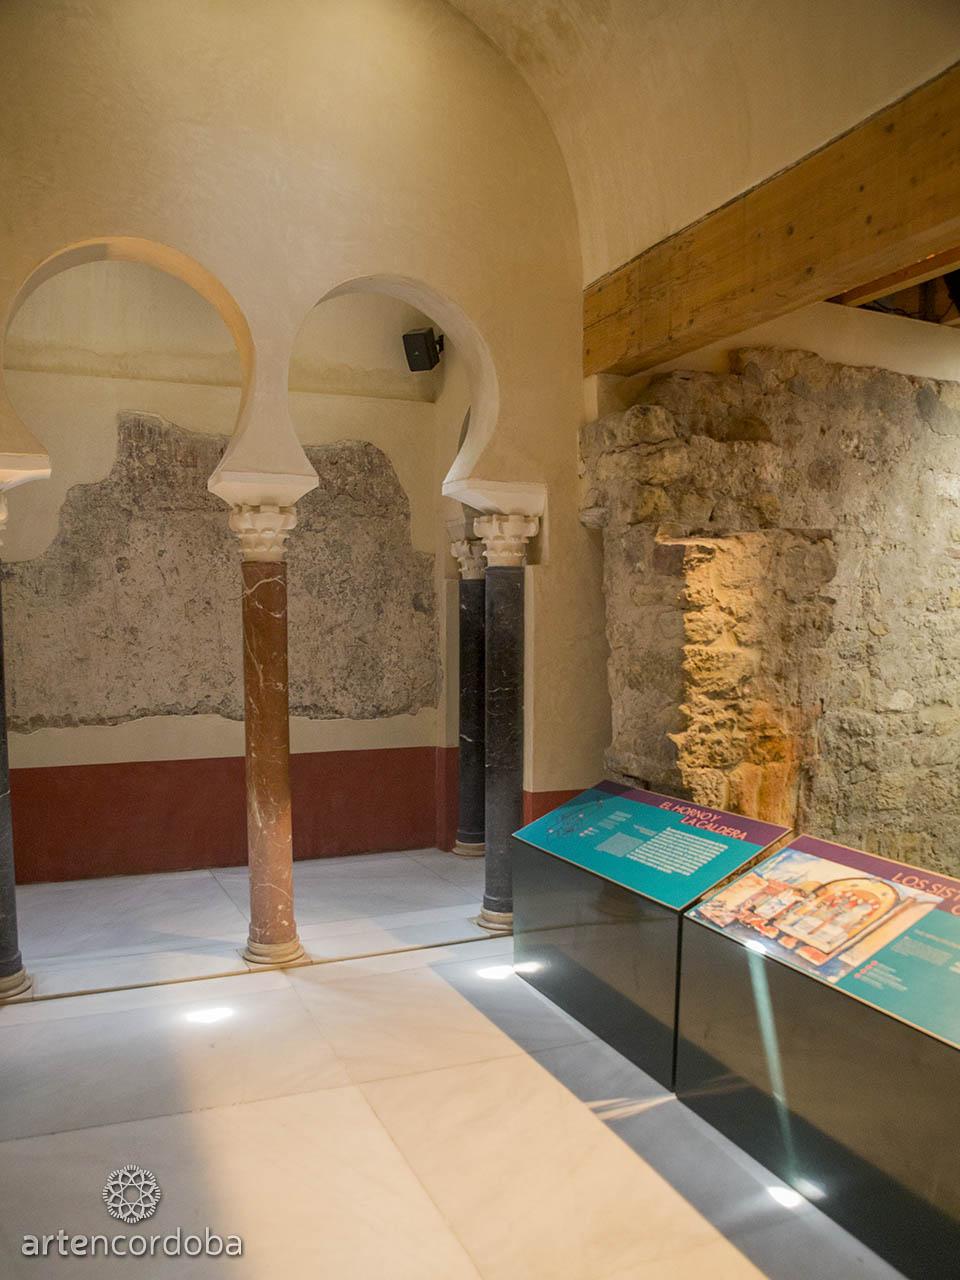 Sala dedicada al 'Baño Califal' en los Baños Árabes del Alcázar Califal (Baños Califales) de Córdoba